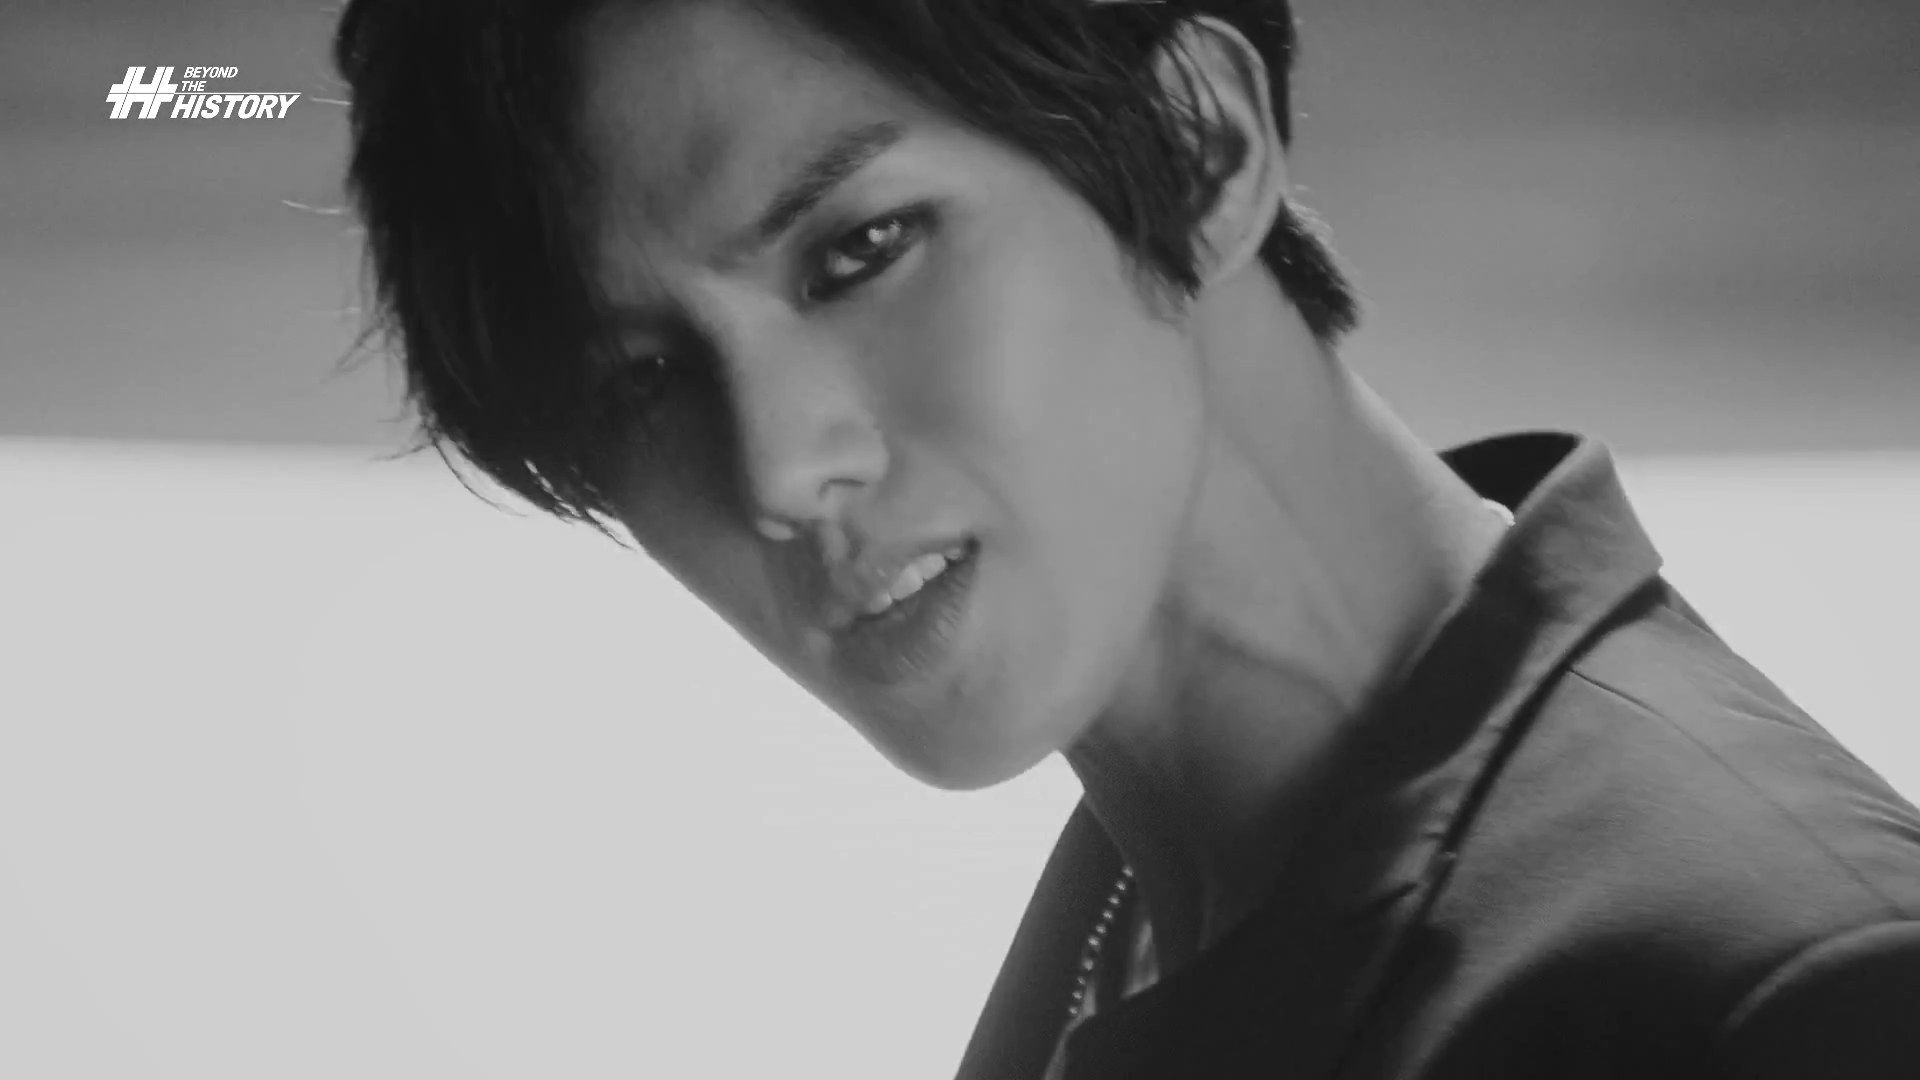 نتيجة بحث الصور عن history song kyung il